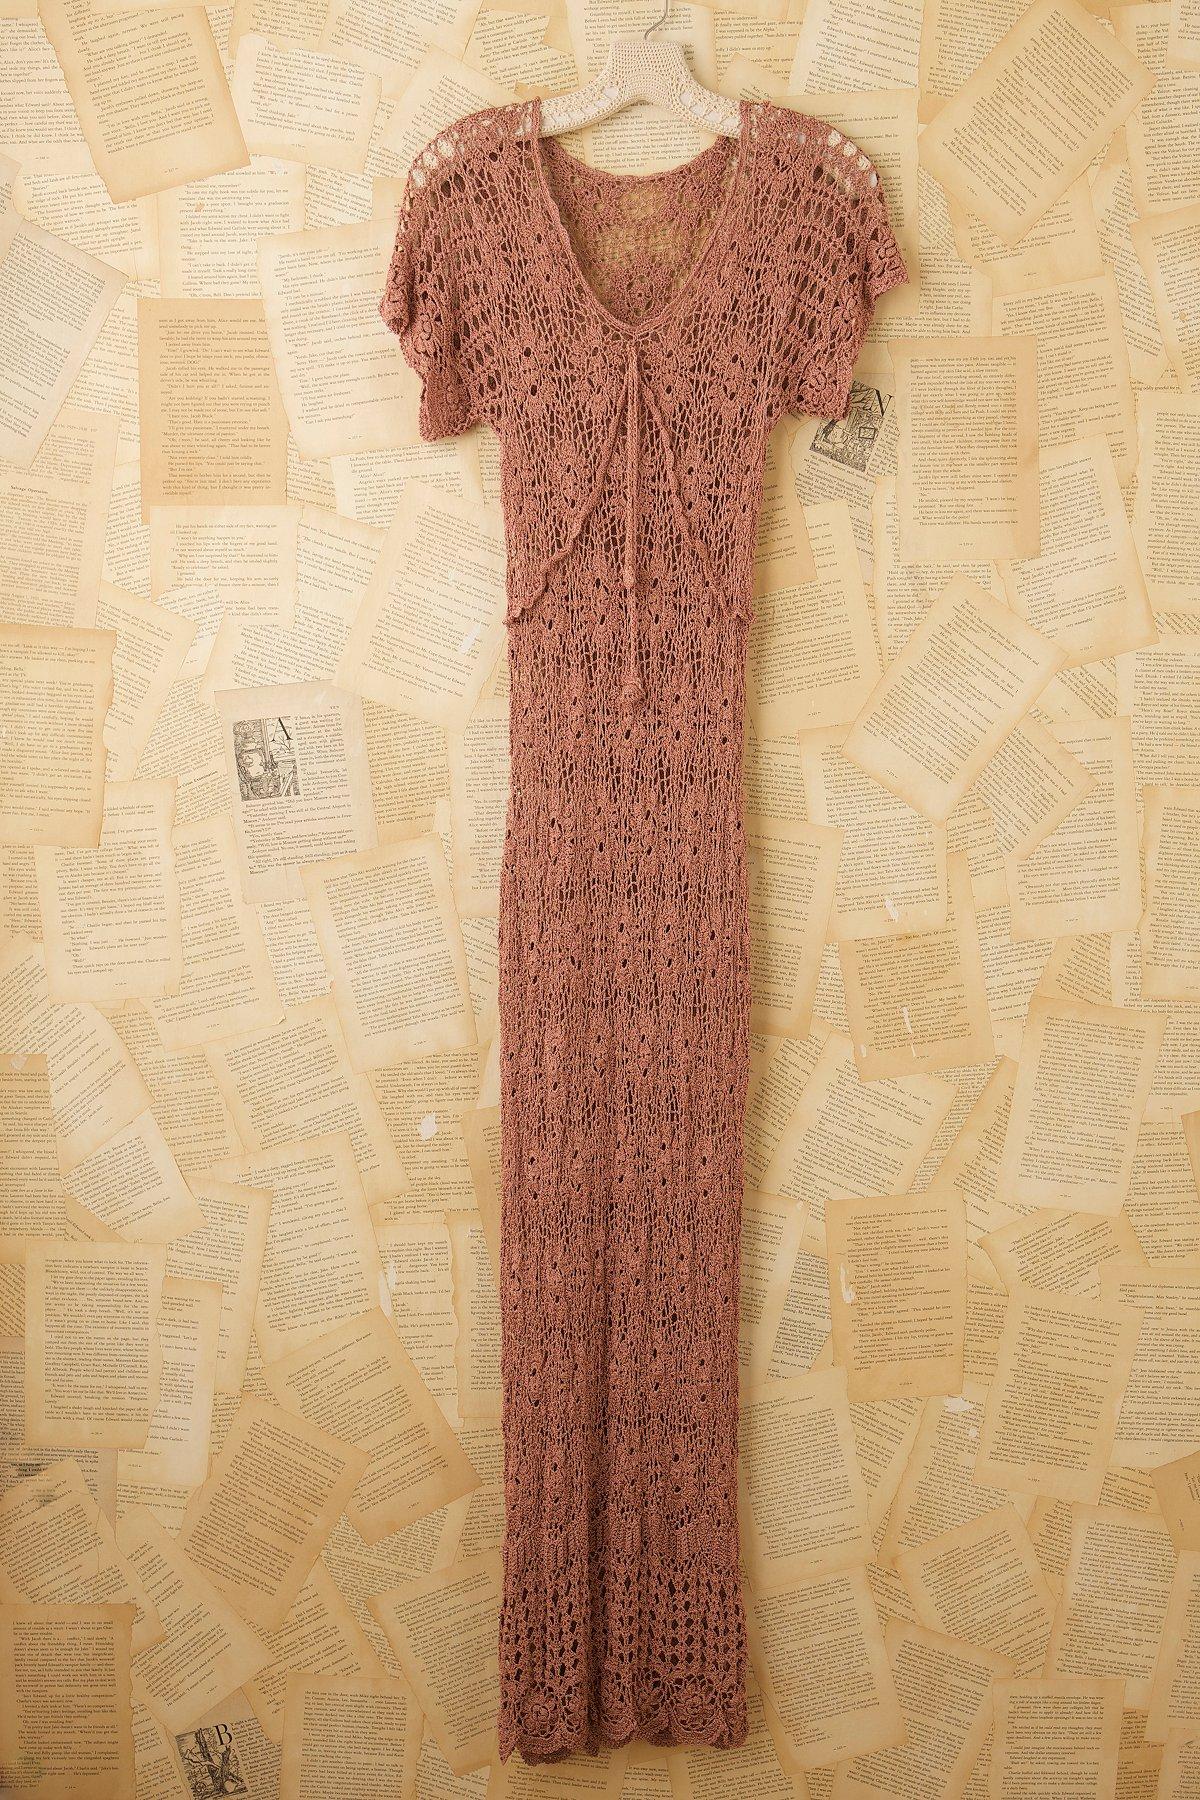 Vintage Crochet Maxi Dress